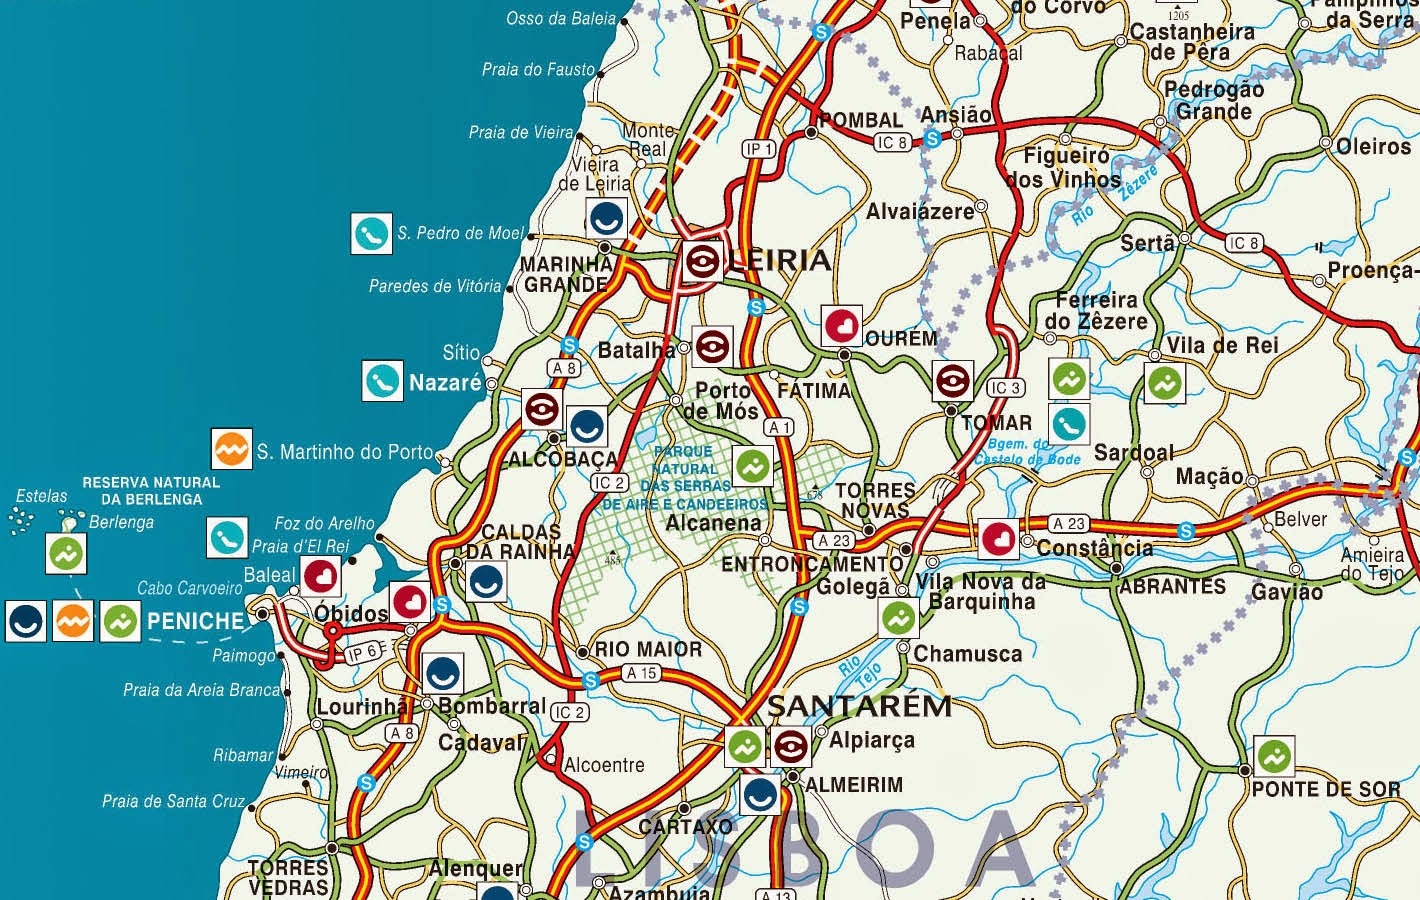 mapa portugal centro Mapas de Nazaré   Portugal | MapasBlog mapa portugal centro